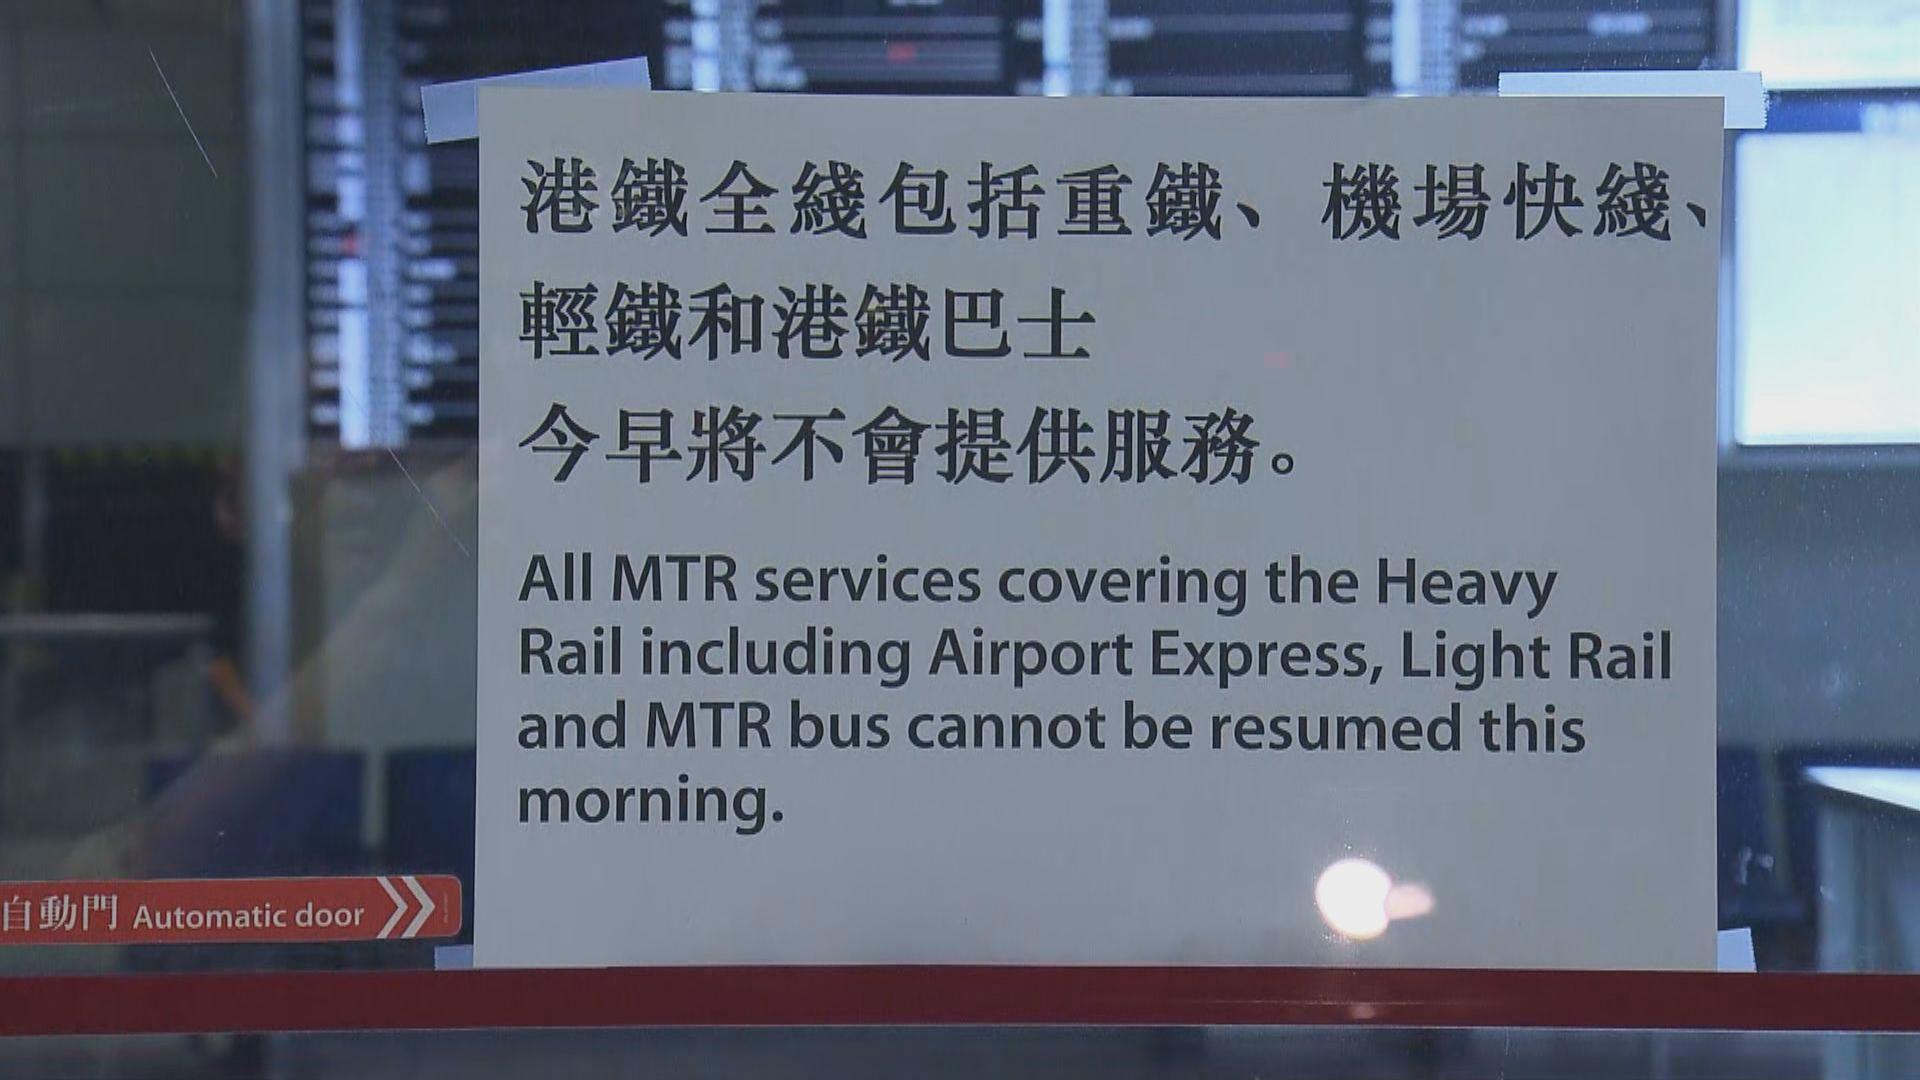 港鐵全綫及機鐵暫停服務 市民指行程受阻